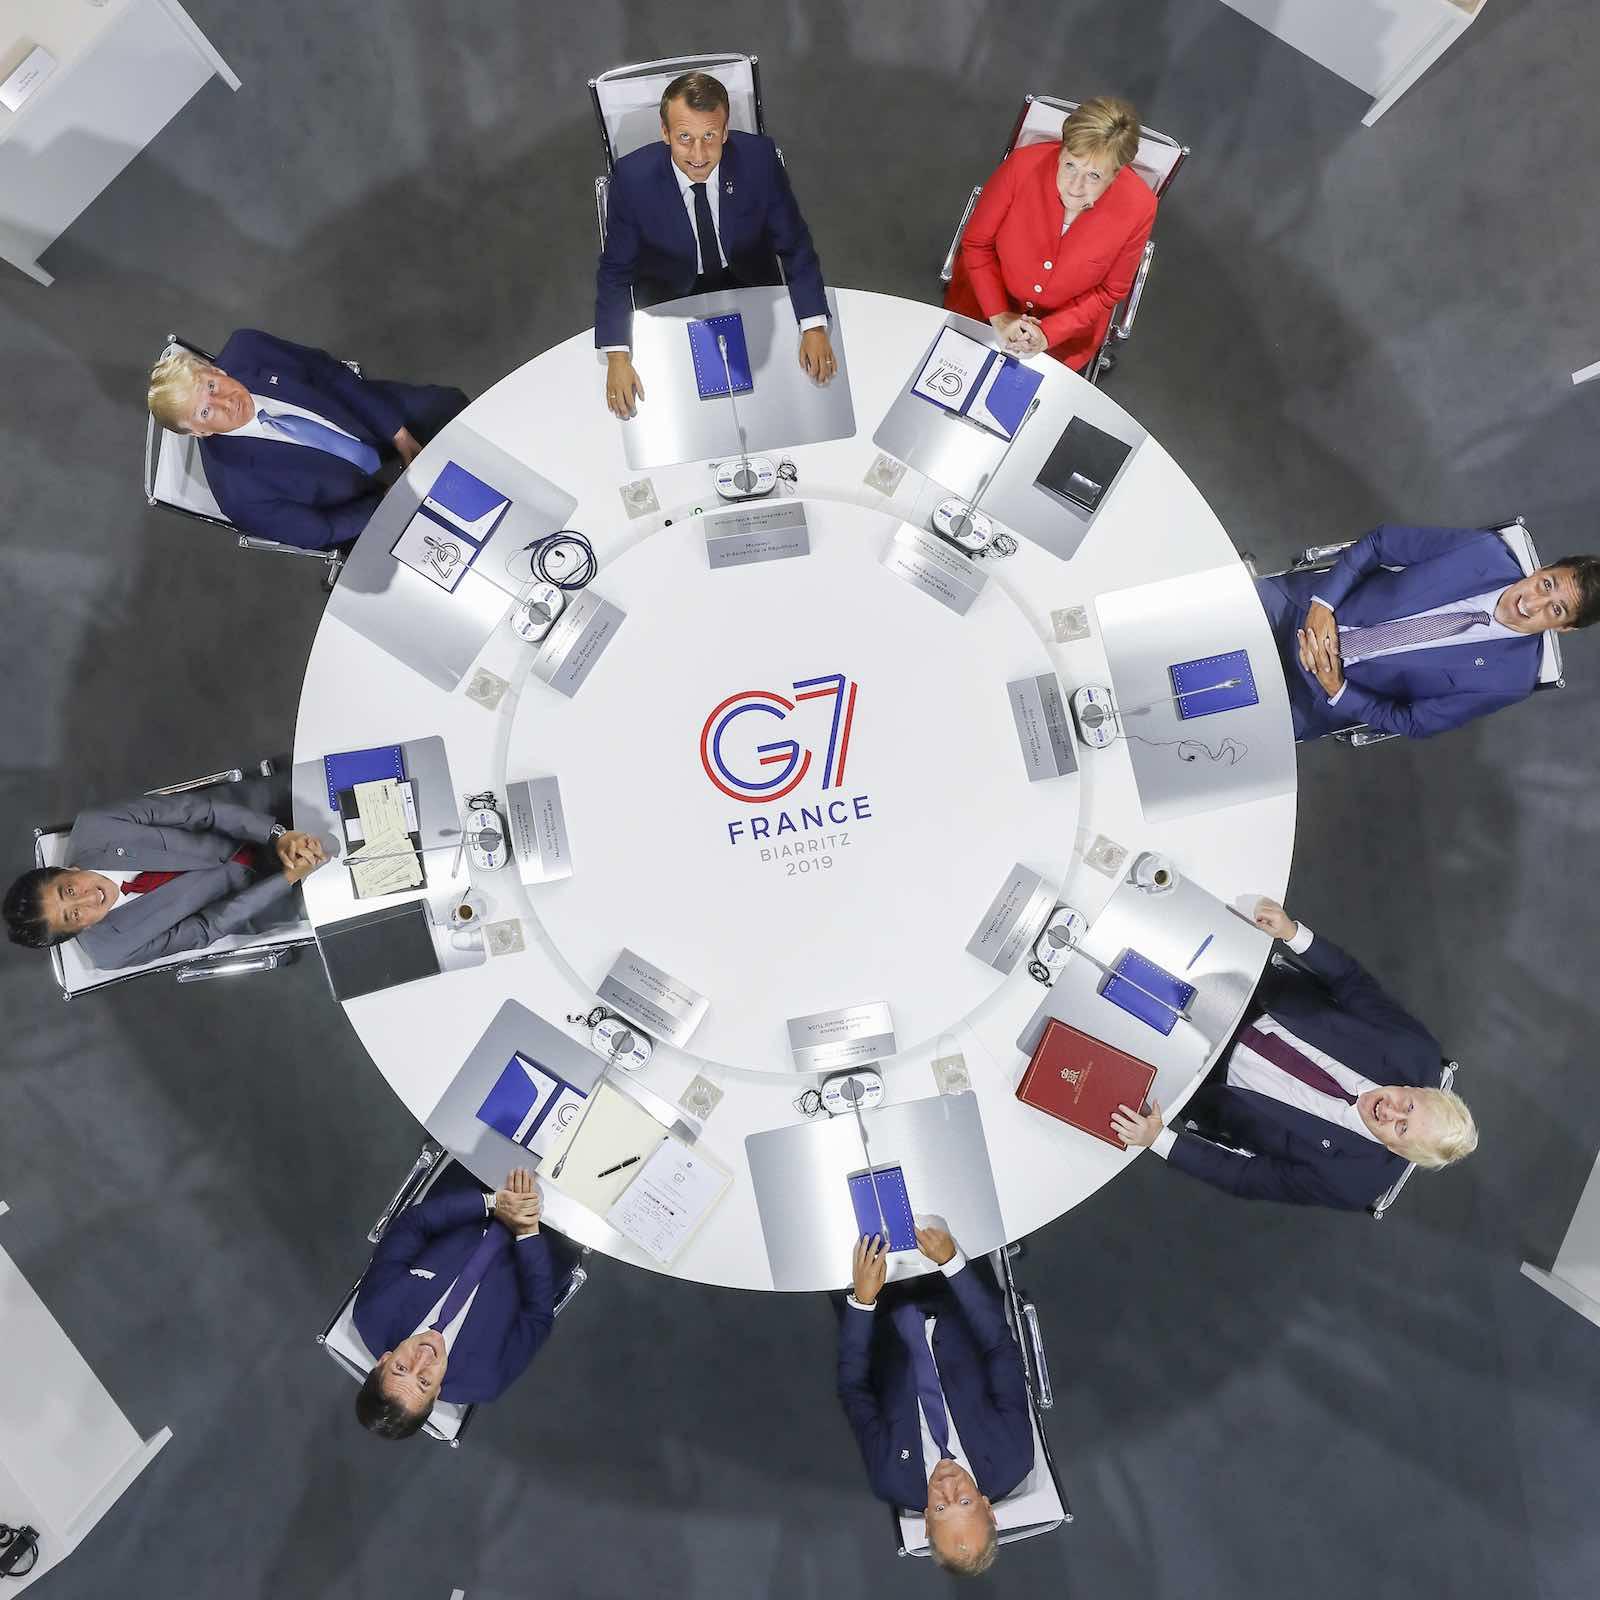 At the top table (Photo: Laurent Blevennec/Présidence de la République)